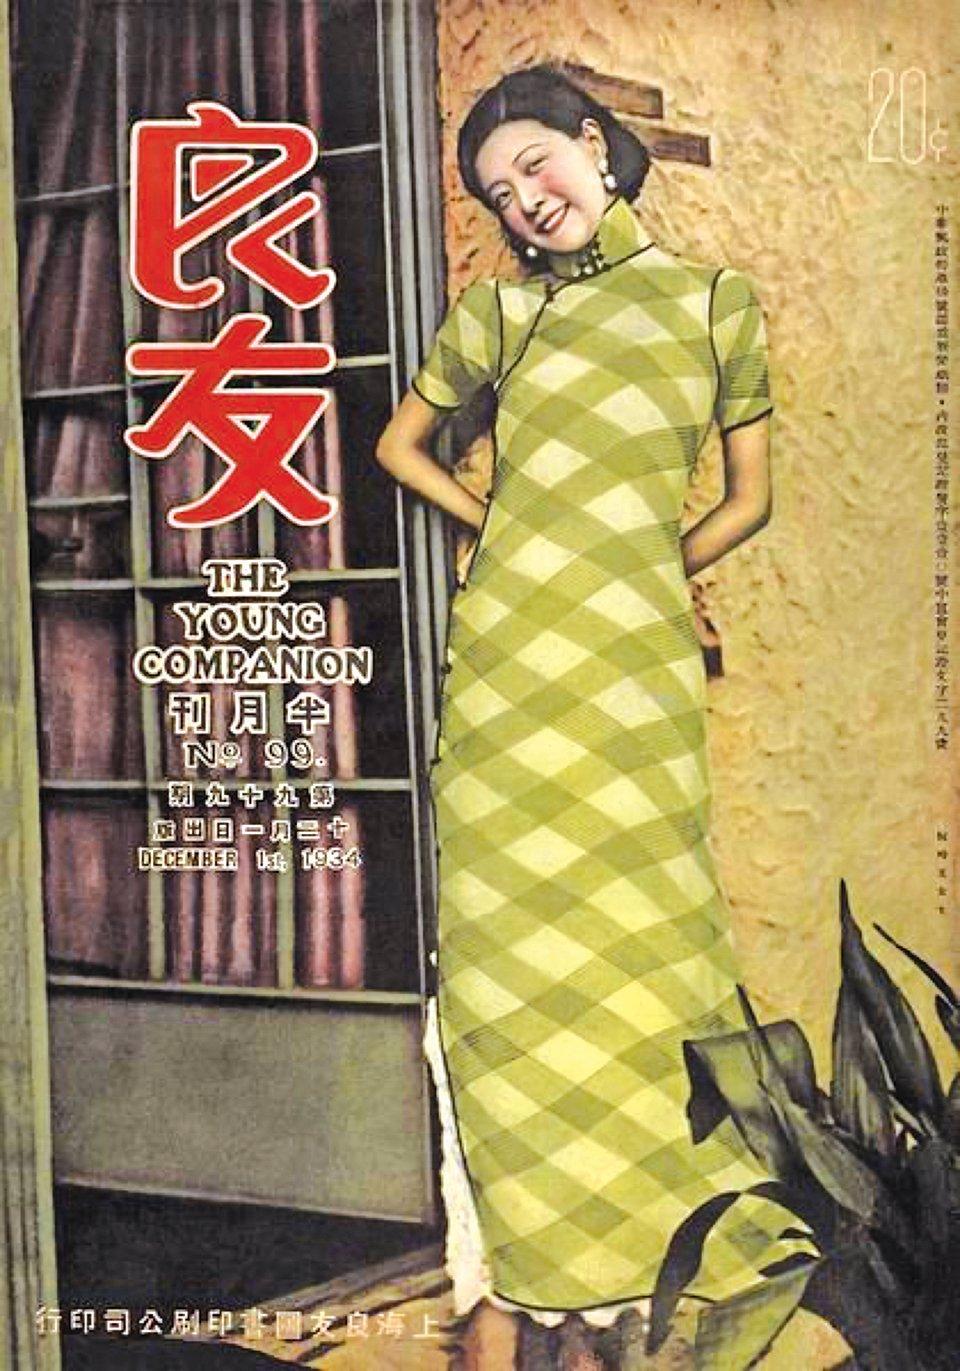 《良友》畫報,封面為民國期間的影視明星阮玲玉。(ELITE LIFESTYLE雜誌提供)